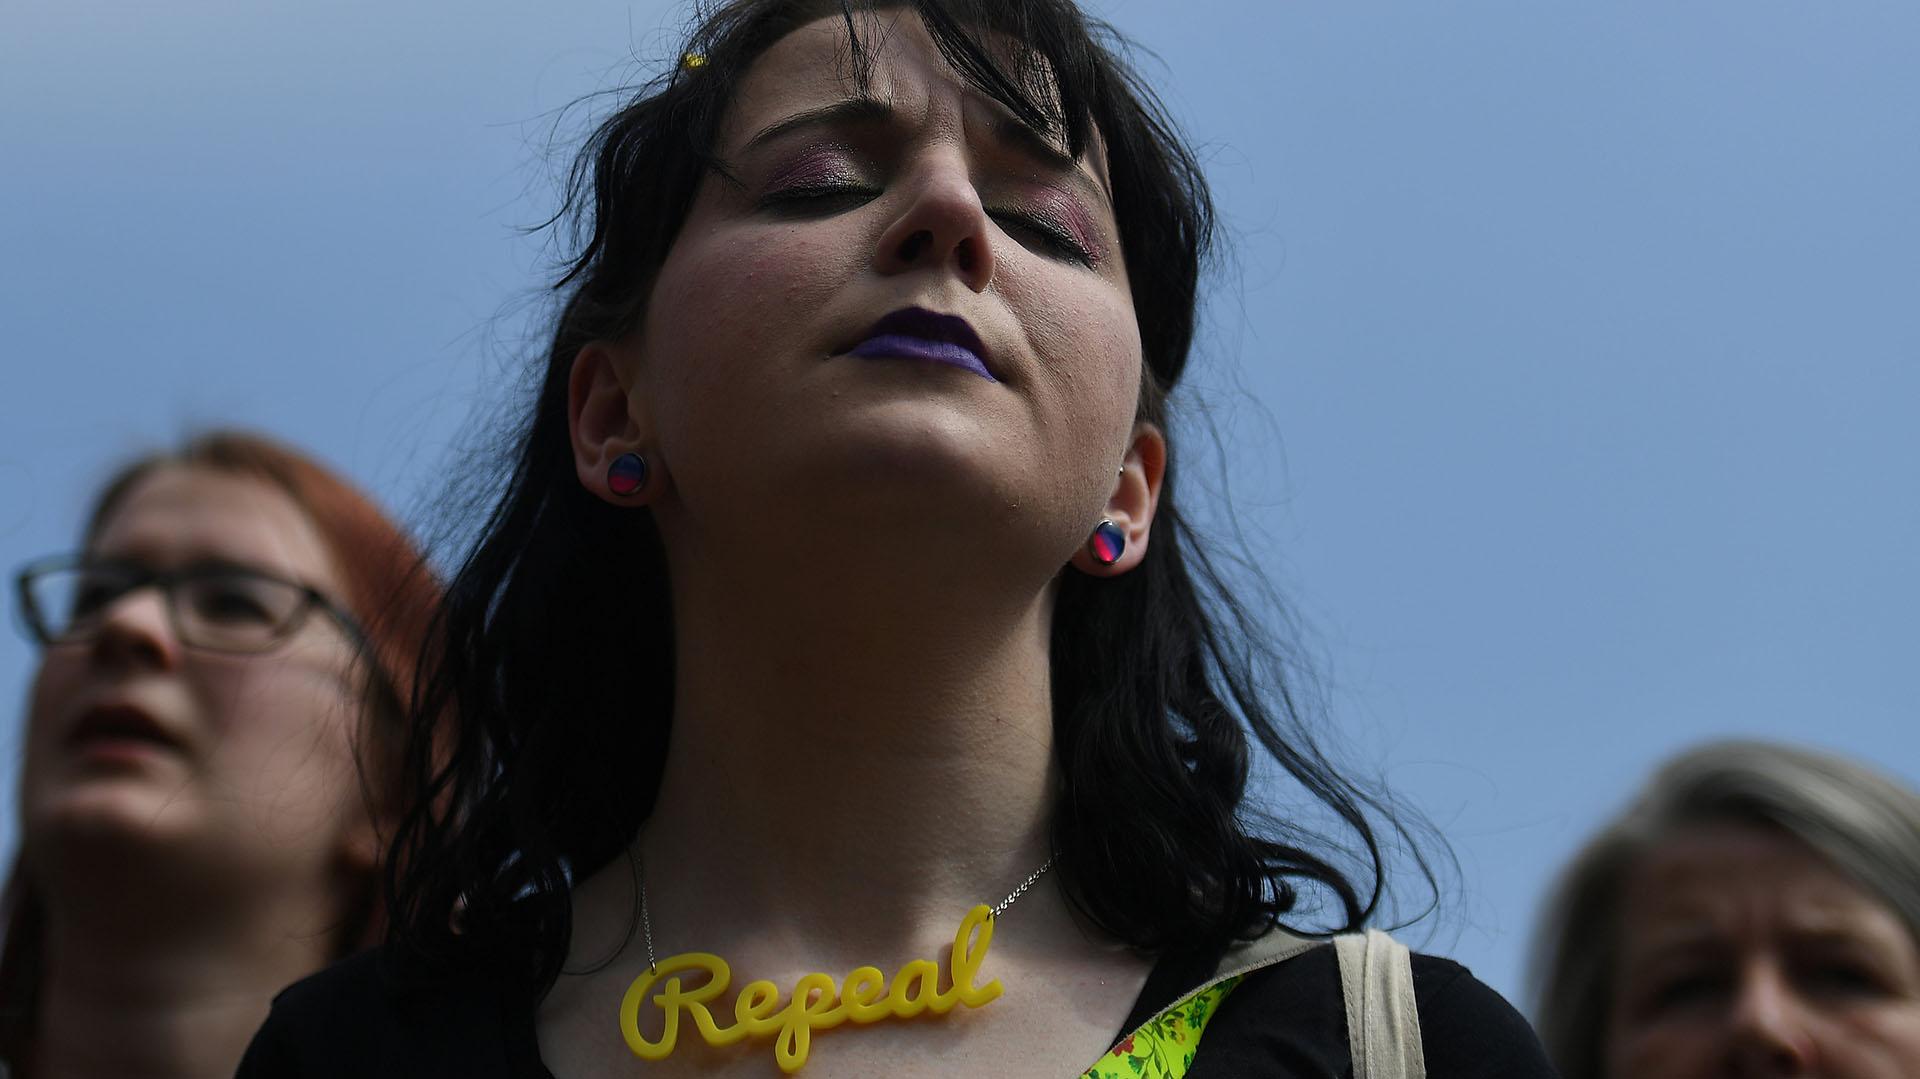 Miles de mujeres se reunieron en la plaza principal de Dublin para festejar la liberalización del aborto en Irlanda (REUTERS/Clodagh Kilcoyne)